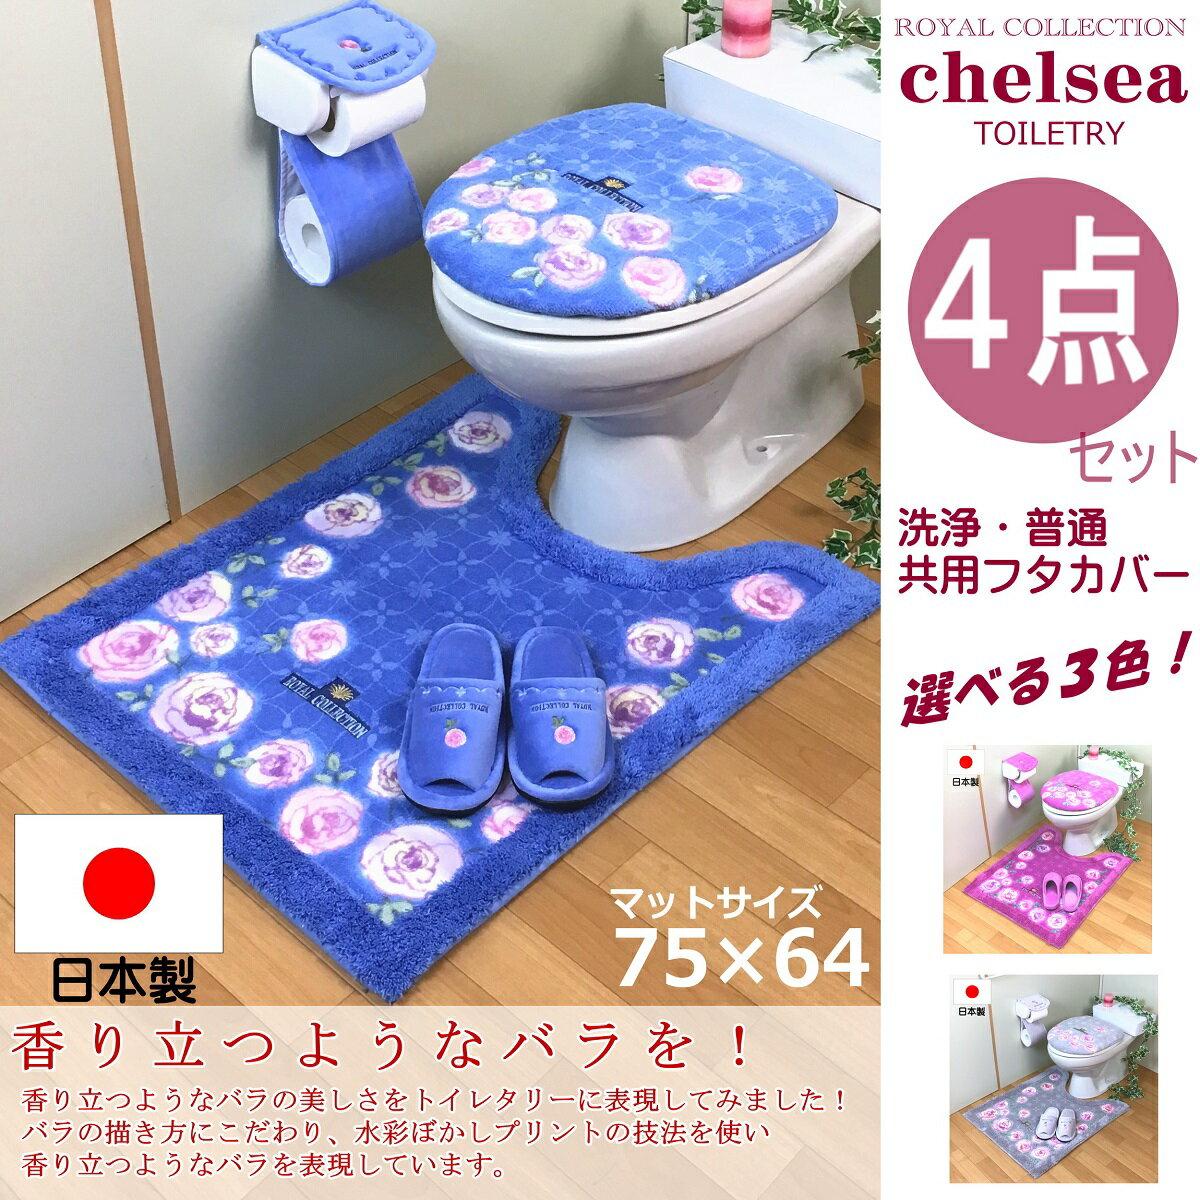 ロングトイレマット セット 4点 洗浄暖房型・普通型 共用 ブルー ピンク グレー 日本製 おしゃれ 北欧 あざやか バラ 花 フラワー オカ チェルシー